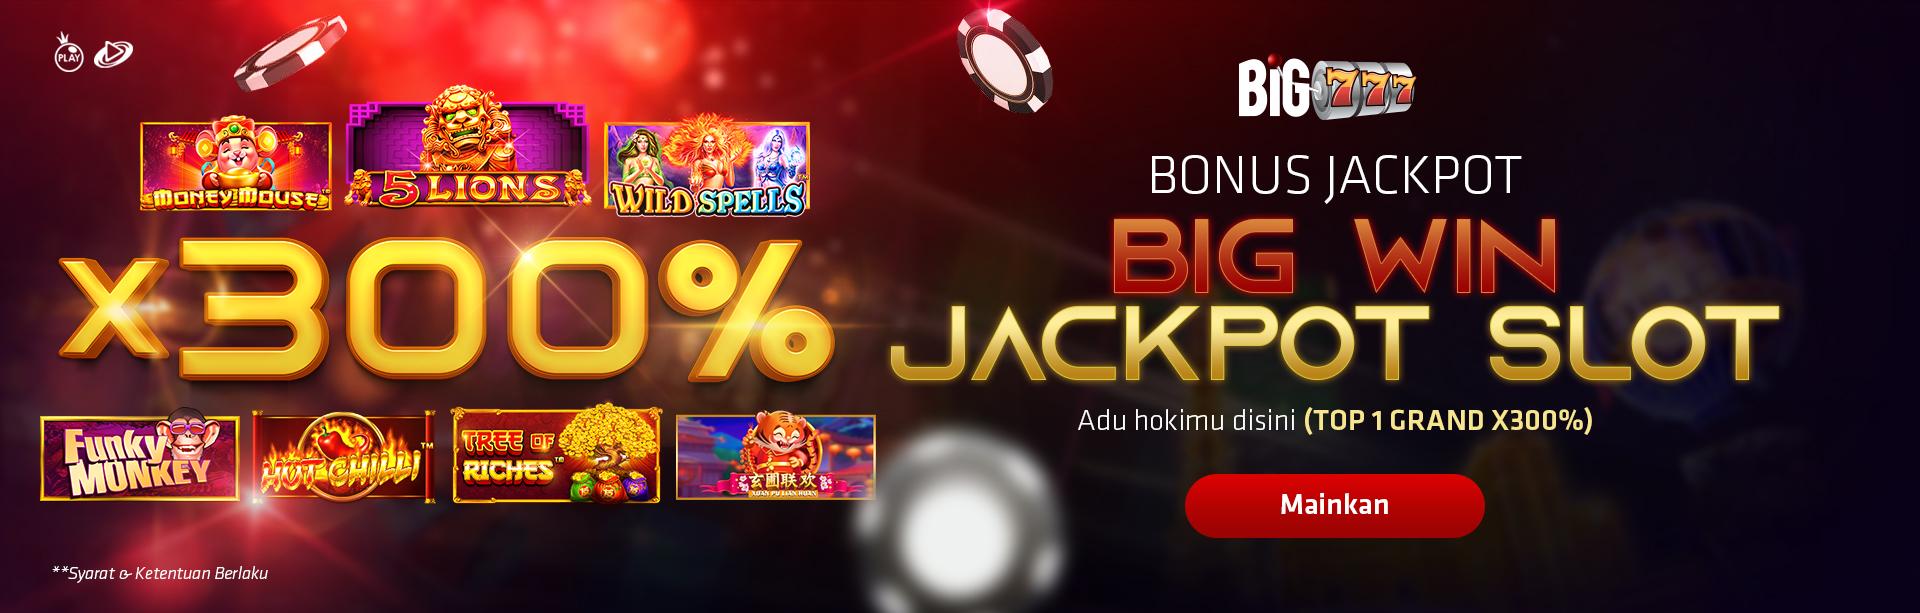 Tempat Terbaik Bermain Poker Online Dengan Uang Sungguhan